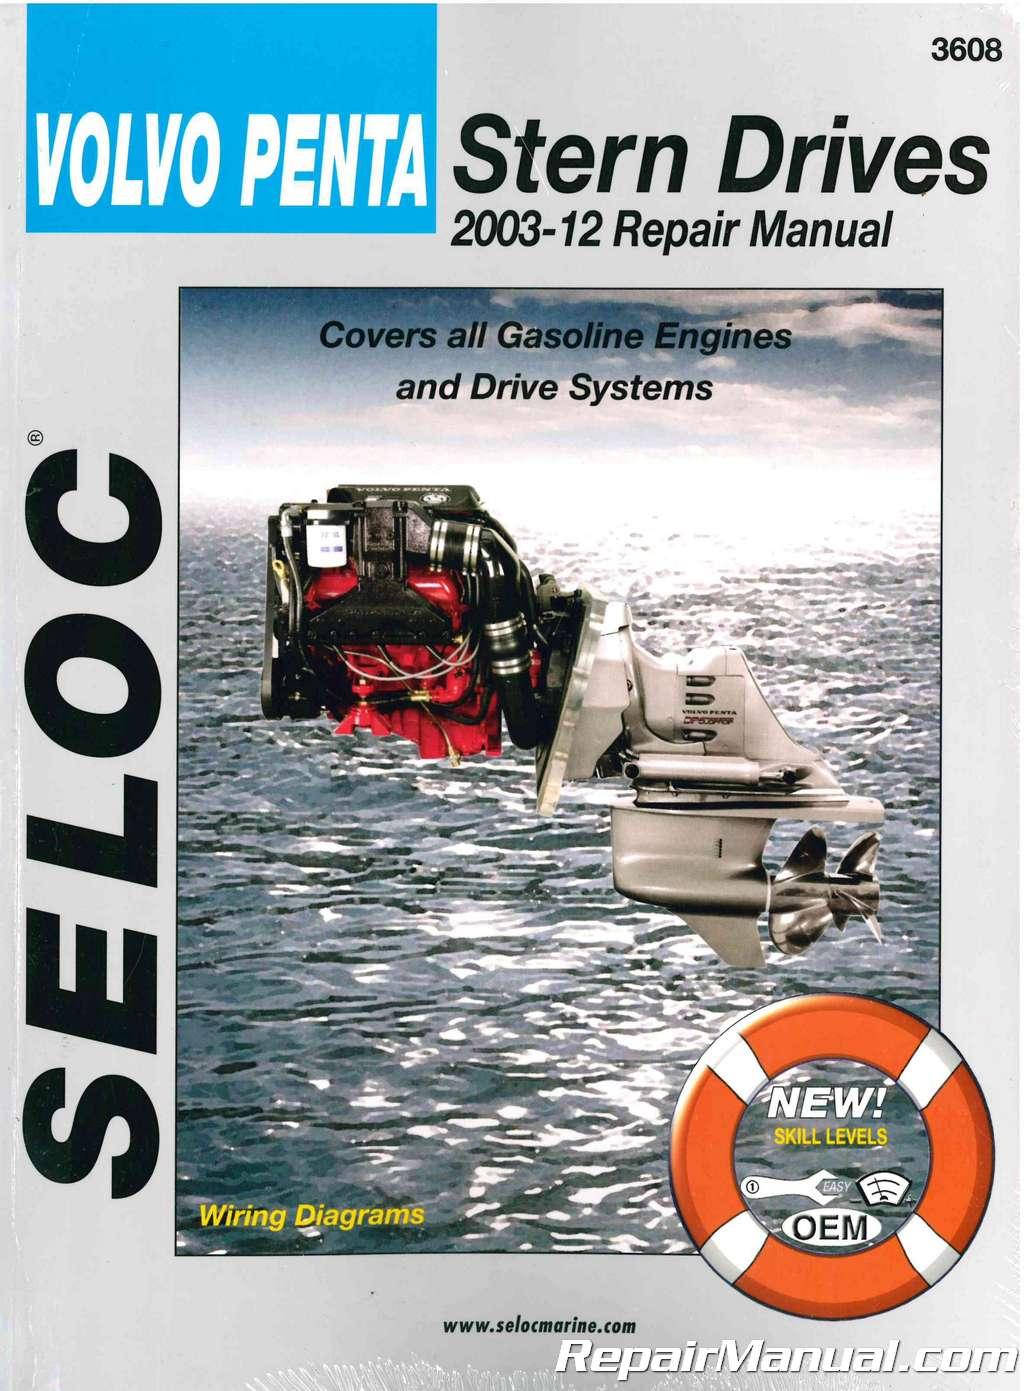 Seloc Volvo Penta Stern Drive 2003-2012 Boat Repair Manual